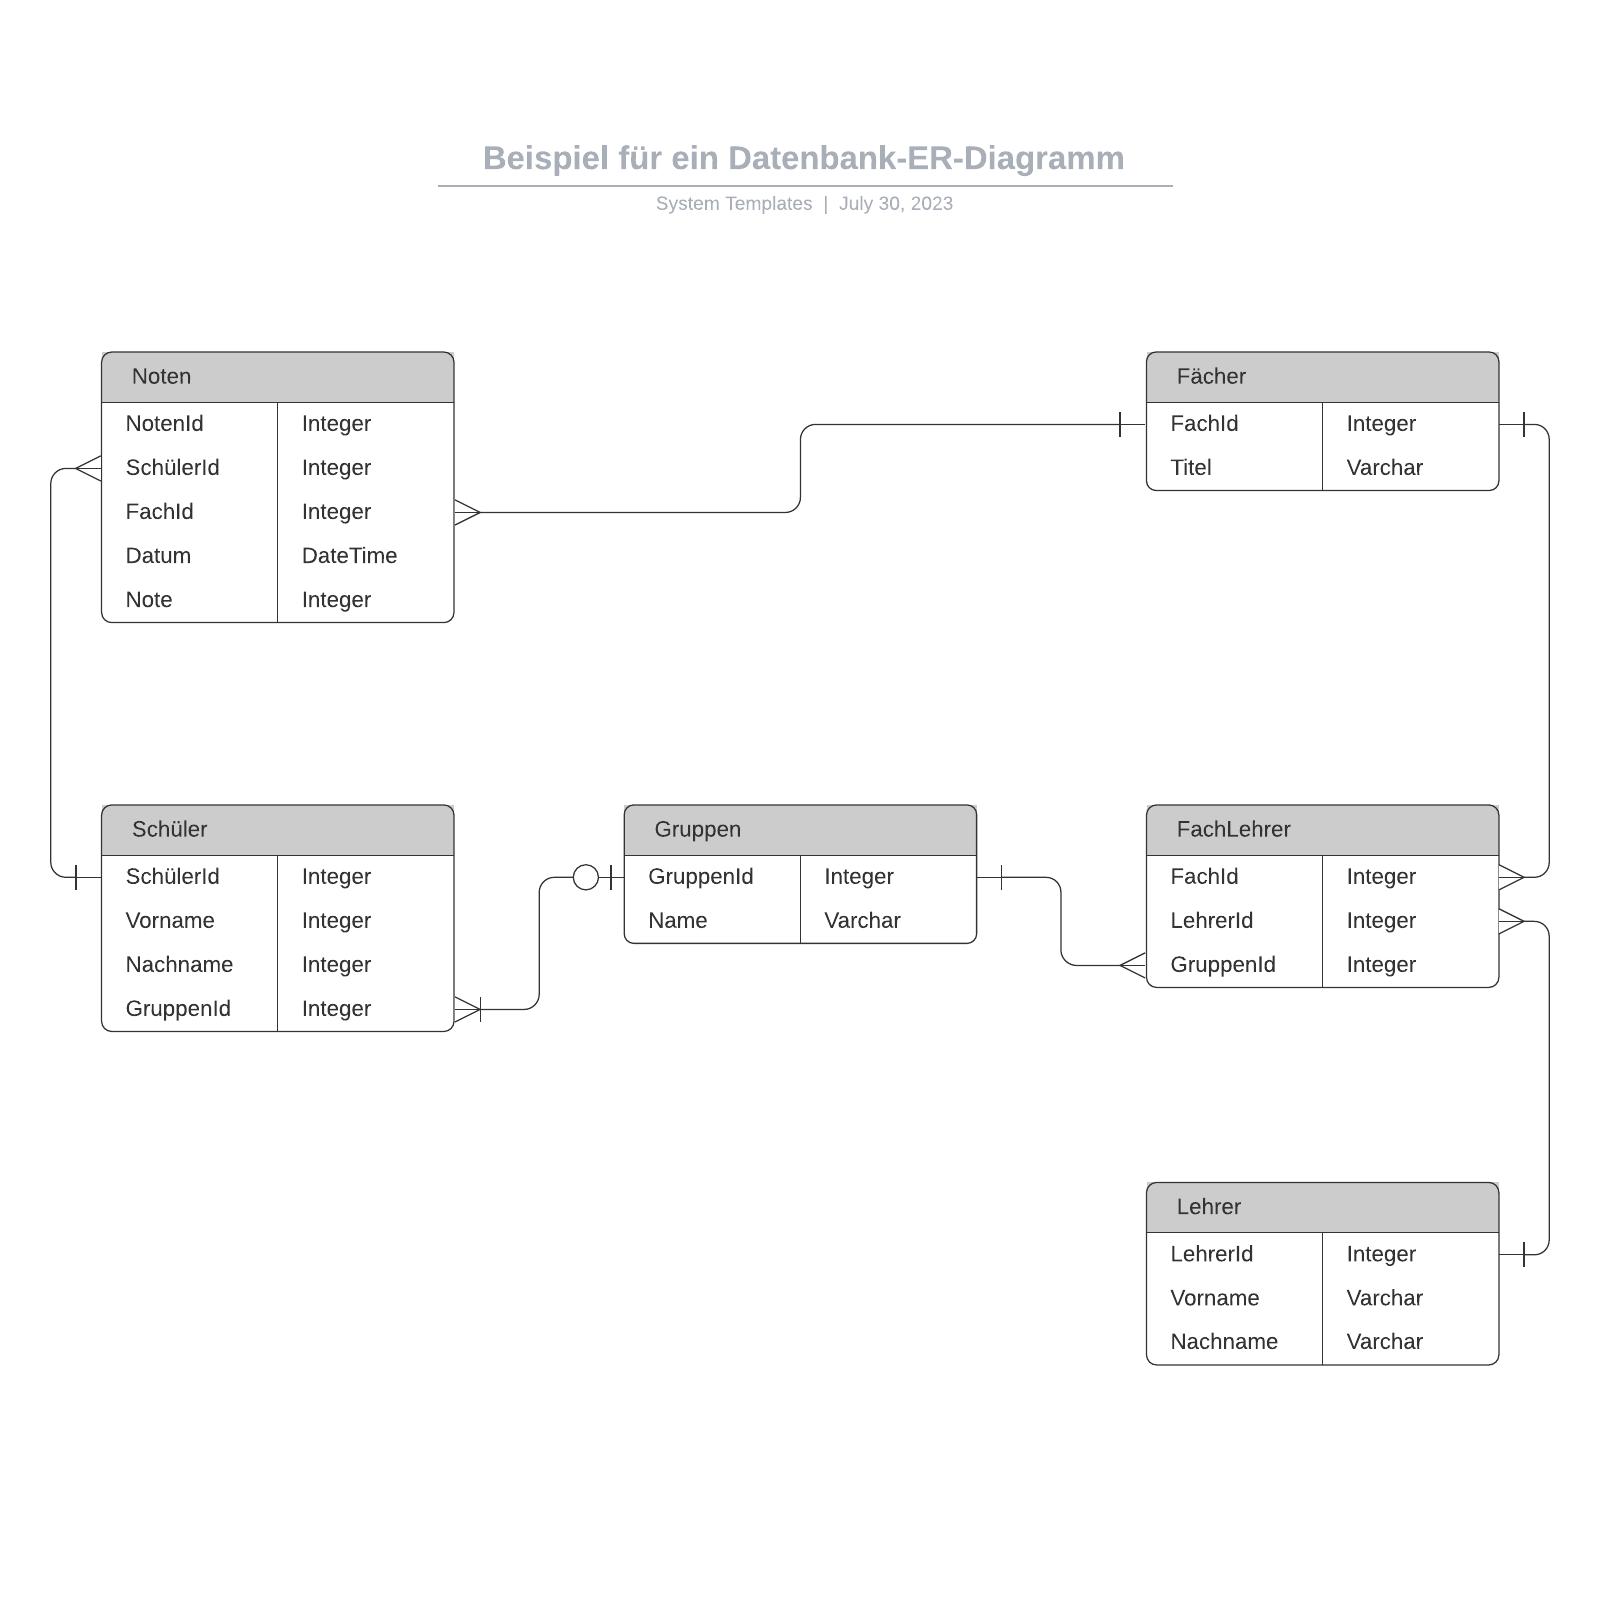 Datenbank ER-Diagramm Beispiel